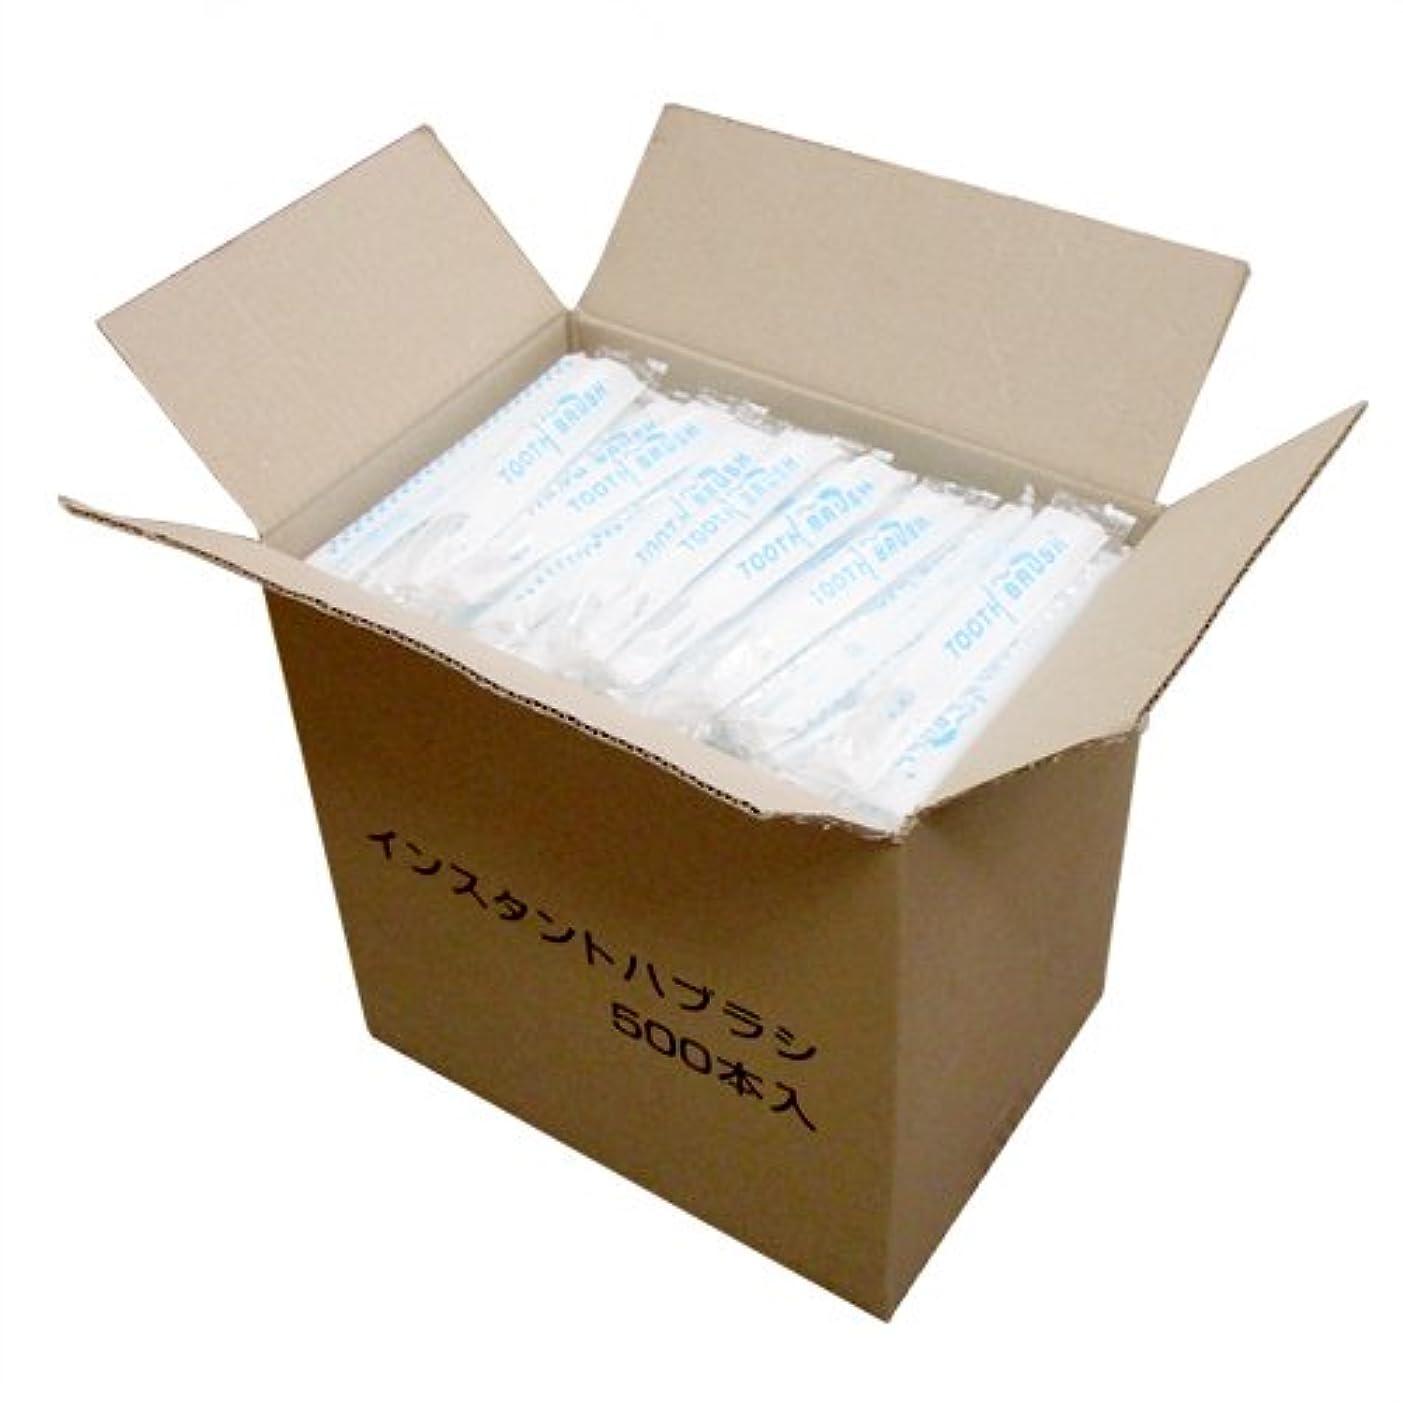 言うアライメント最後に業務用 日本製 使い捨て粉付き歯ブラシ 個包装タイプ 500本入×8箱 (4000本入)│ホテルアメニティ